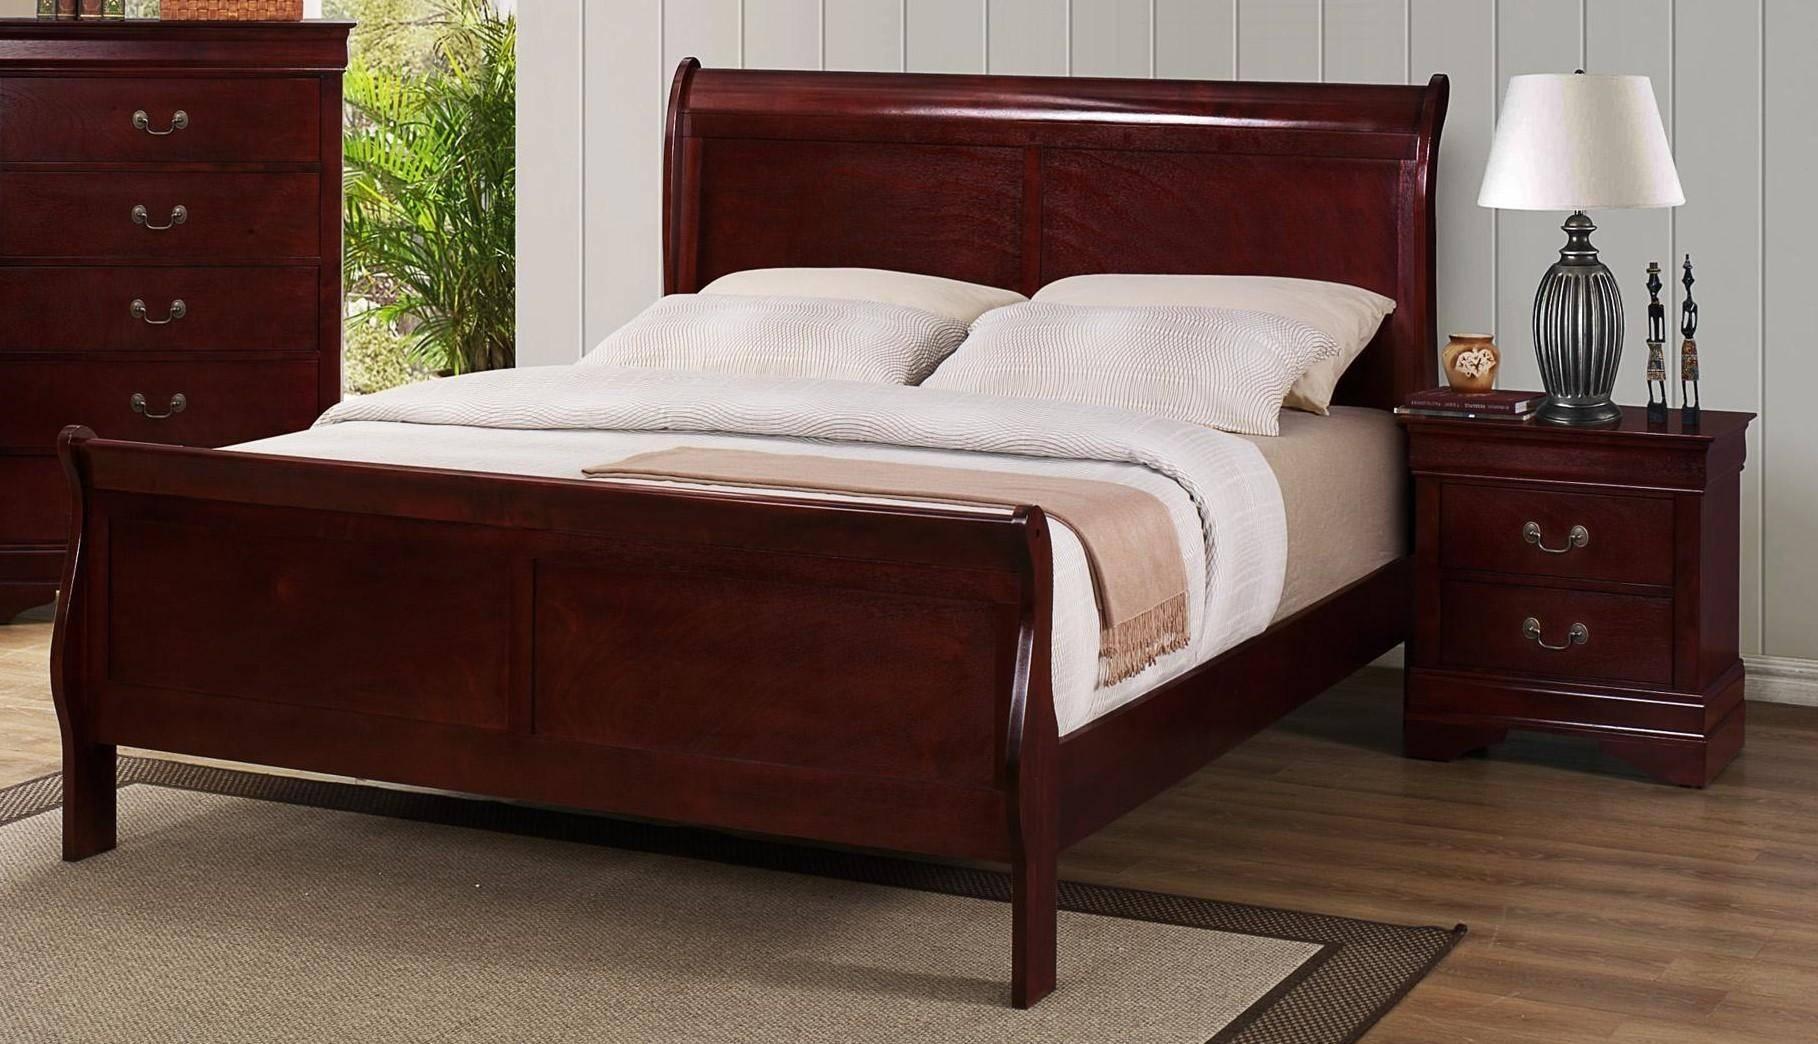 Buy Crown Mark B3600 Louis Philip King Sleigh Bedroom Set 5 Pcs In Cherry Wood Veneers Online